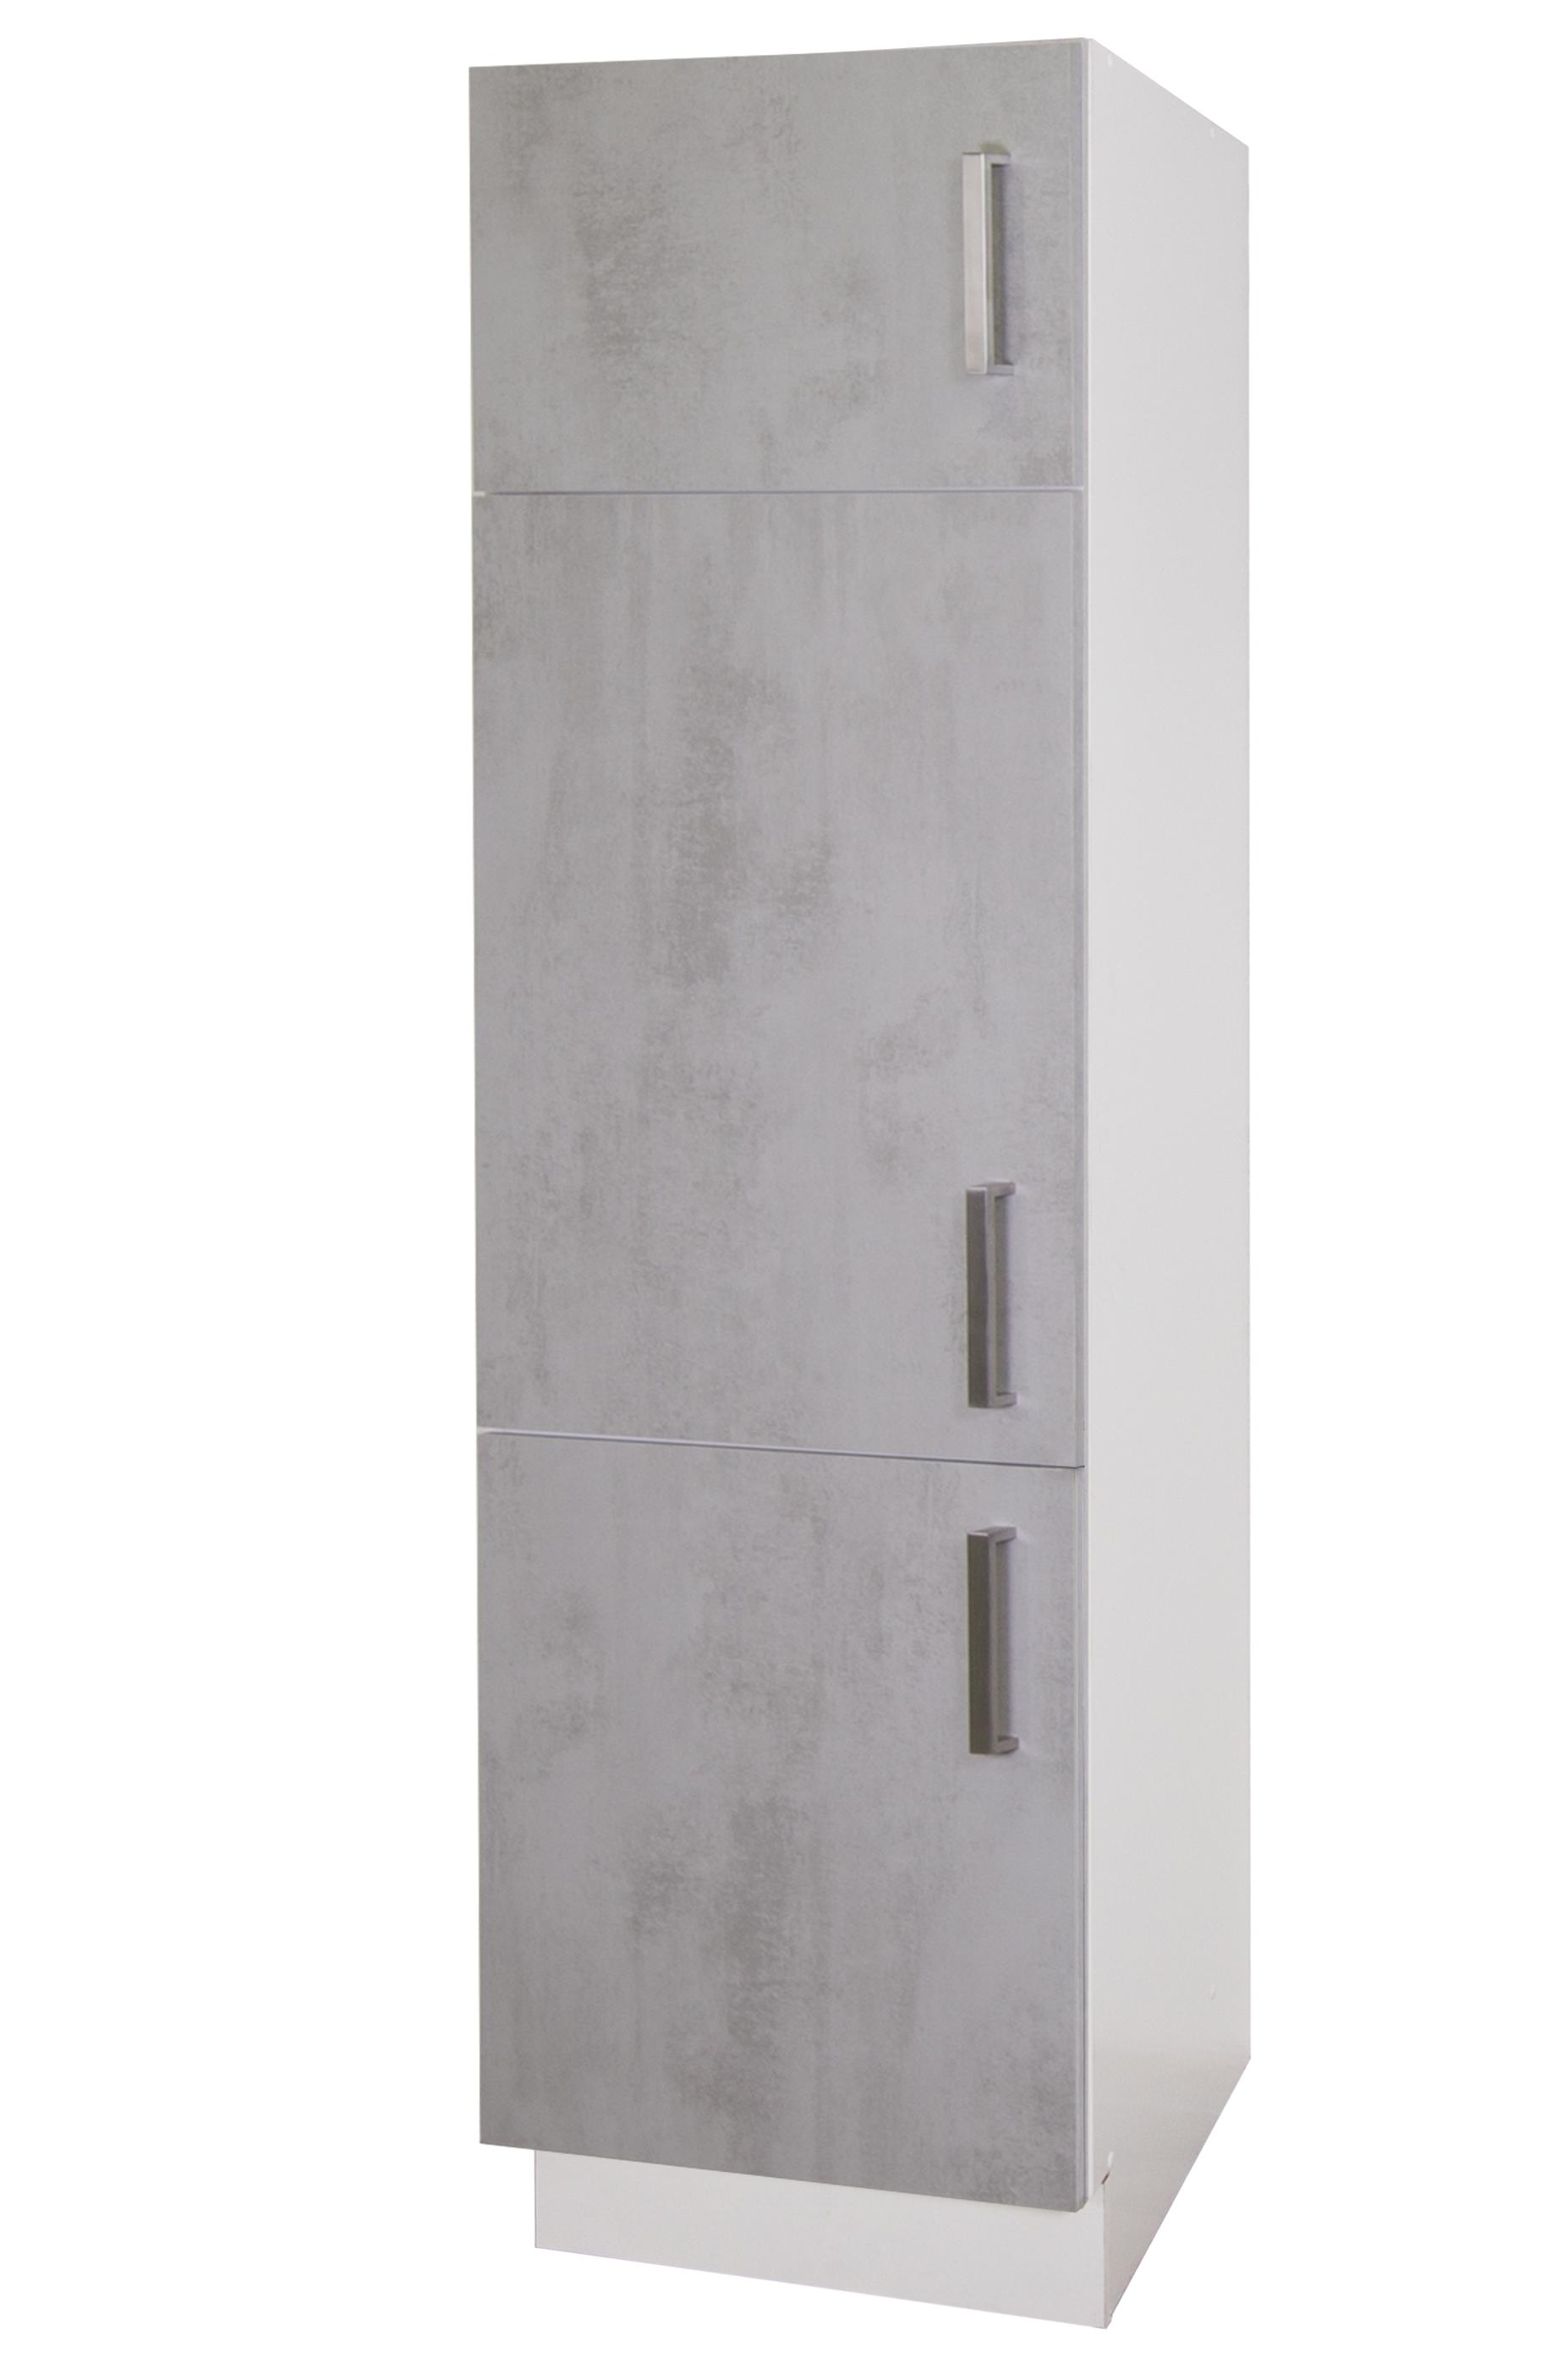 kühlschrankumbau mara 60 hoch von menke möbel weiss/betonoptik